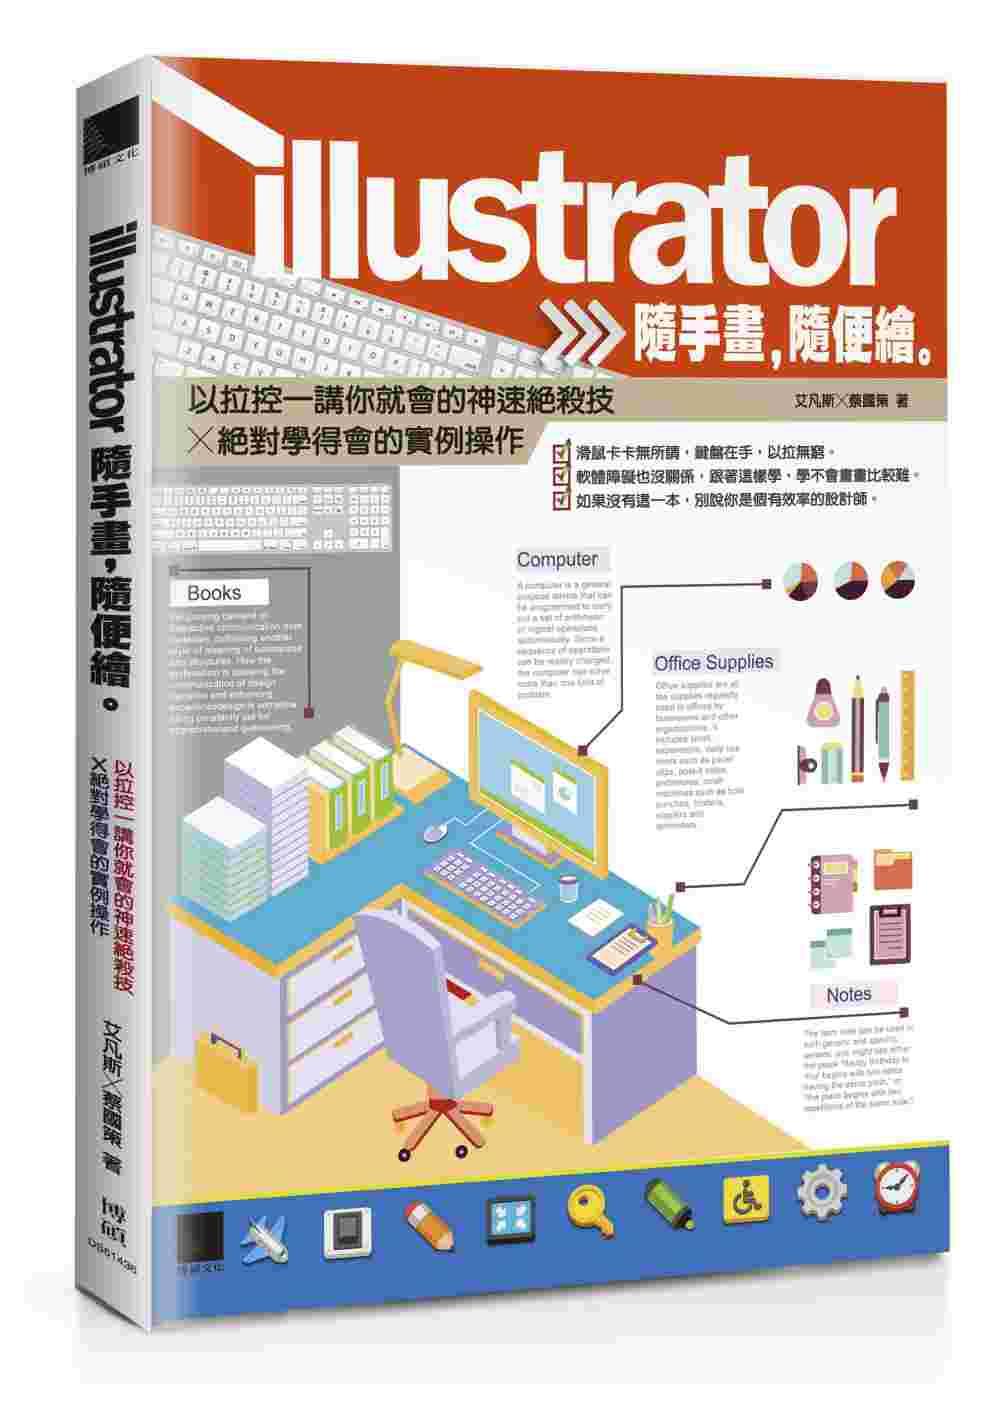 Illustrator隨手畫,隨便繪。以拉控一講你就繪的神速絕殺技╳絕對學得會的實例操作